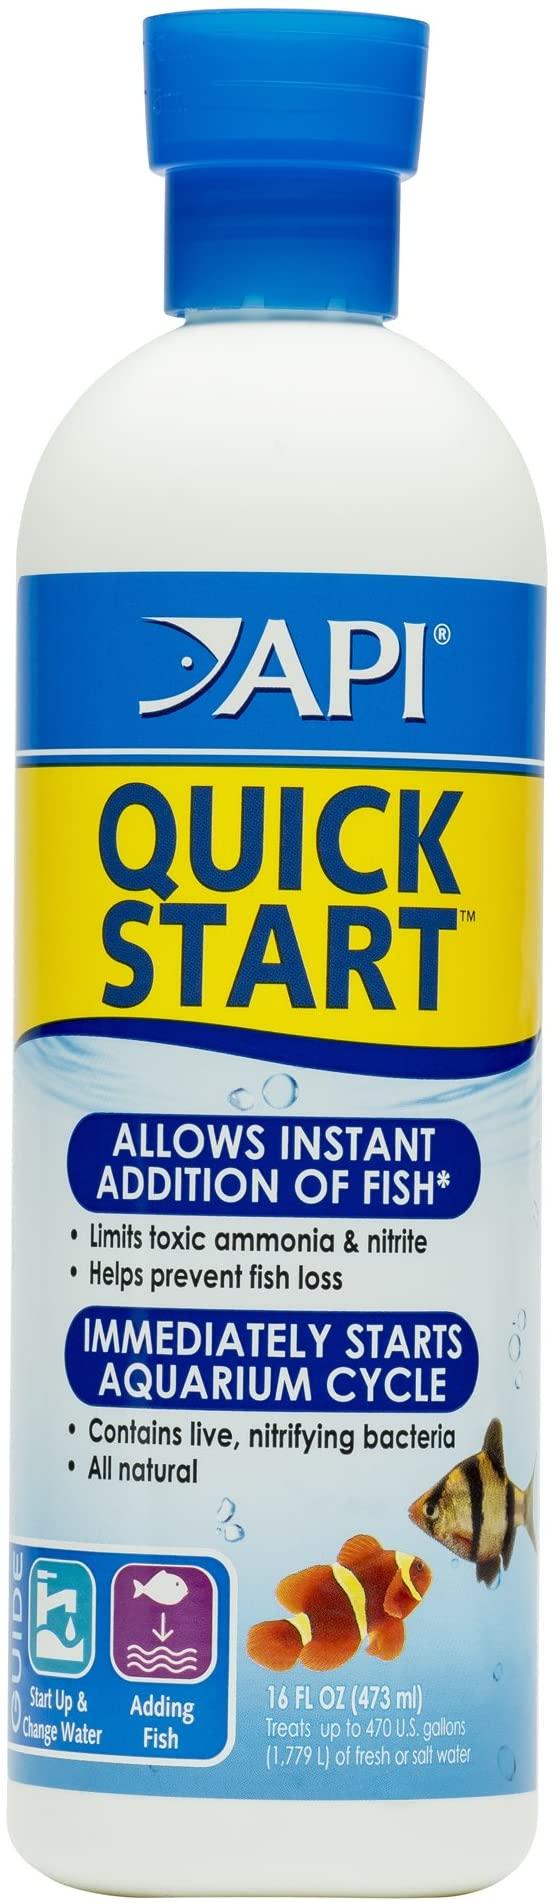 API 89E product image 4